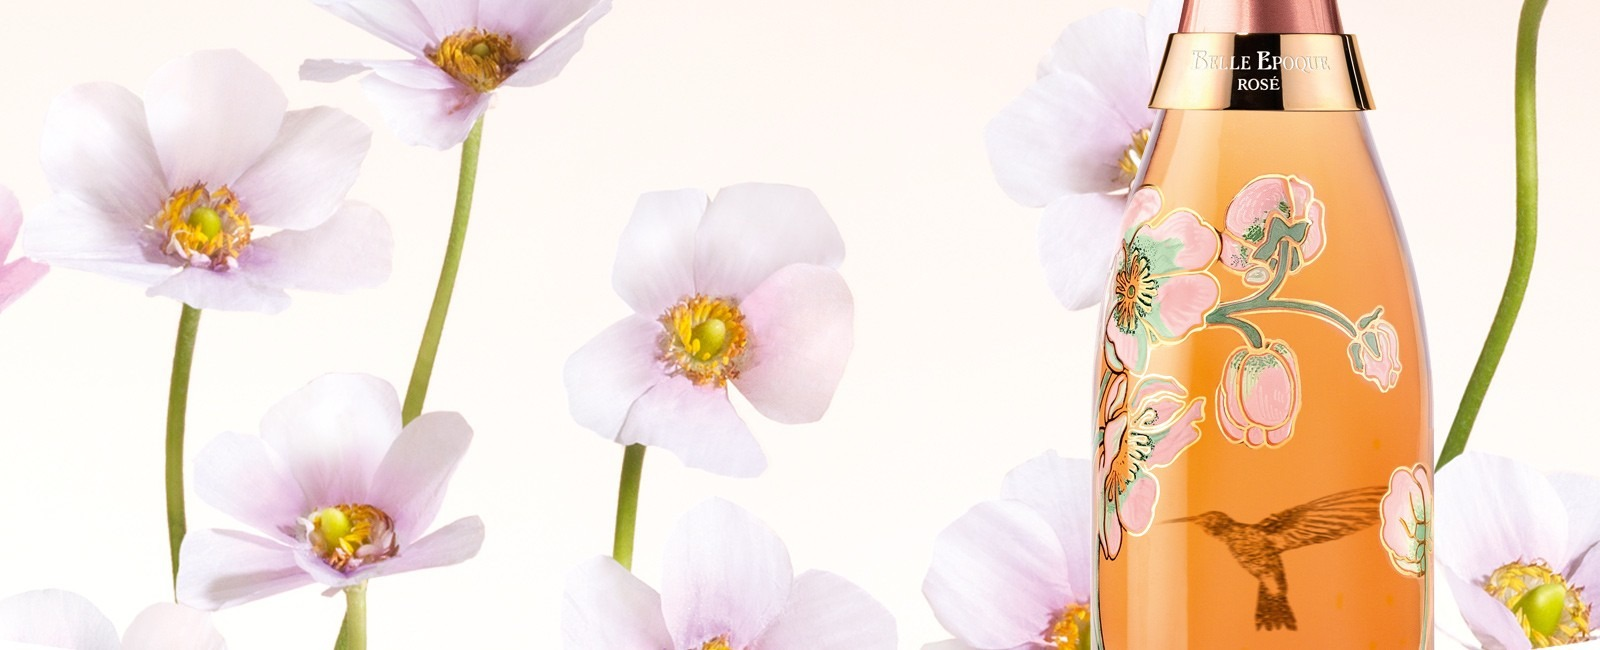 Perrier-Jouët Belle Epoque Rosé Limited Edition